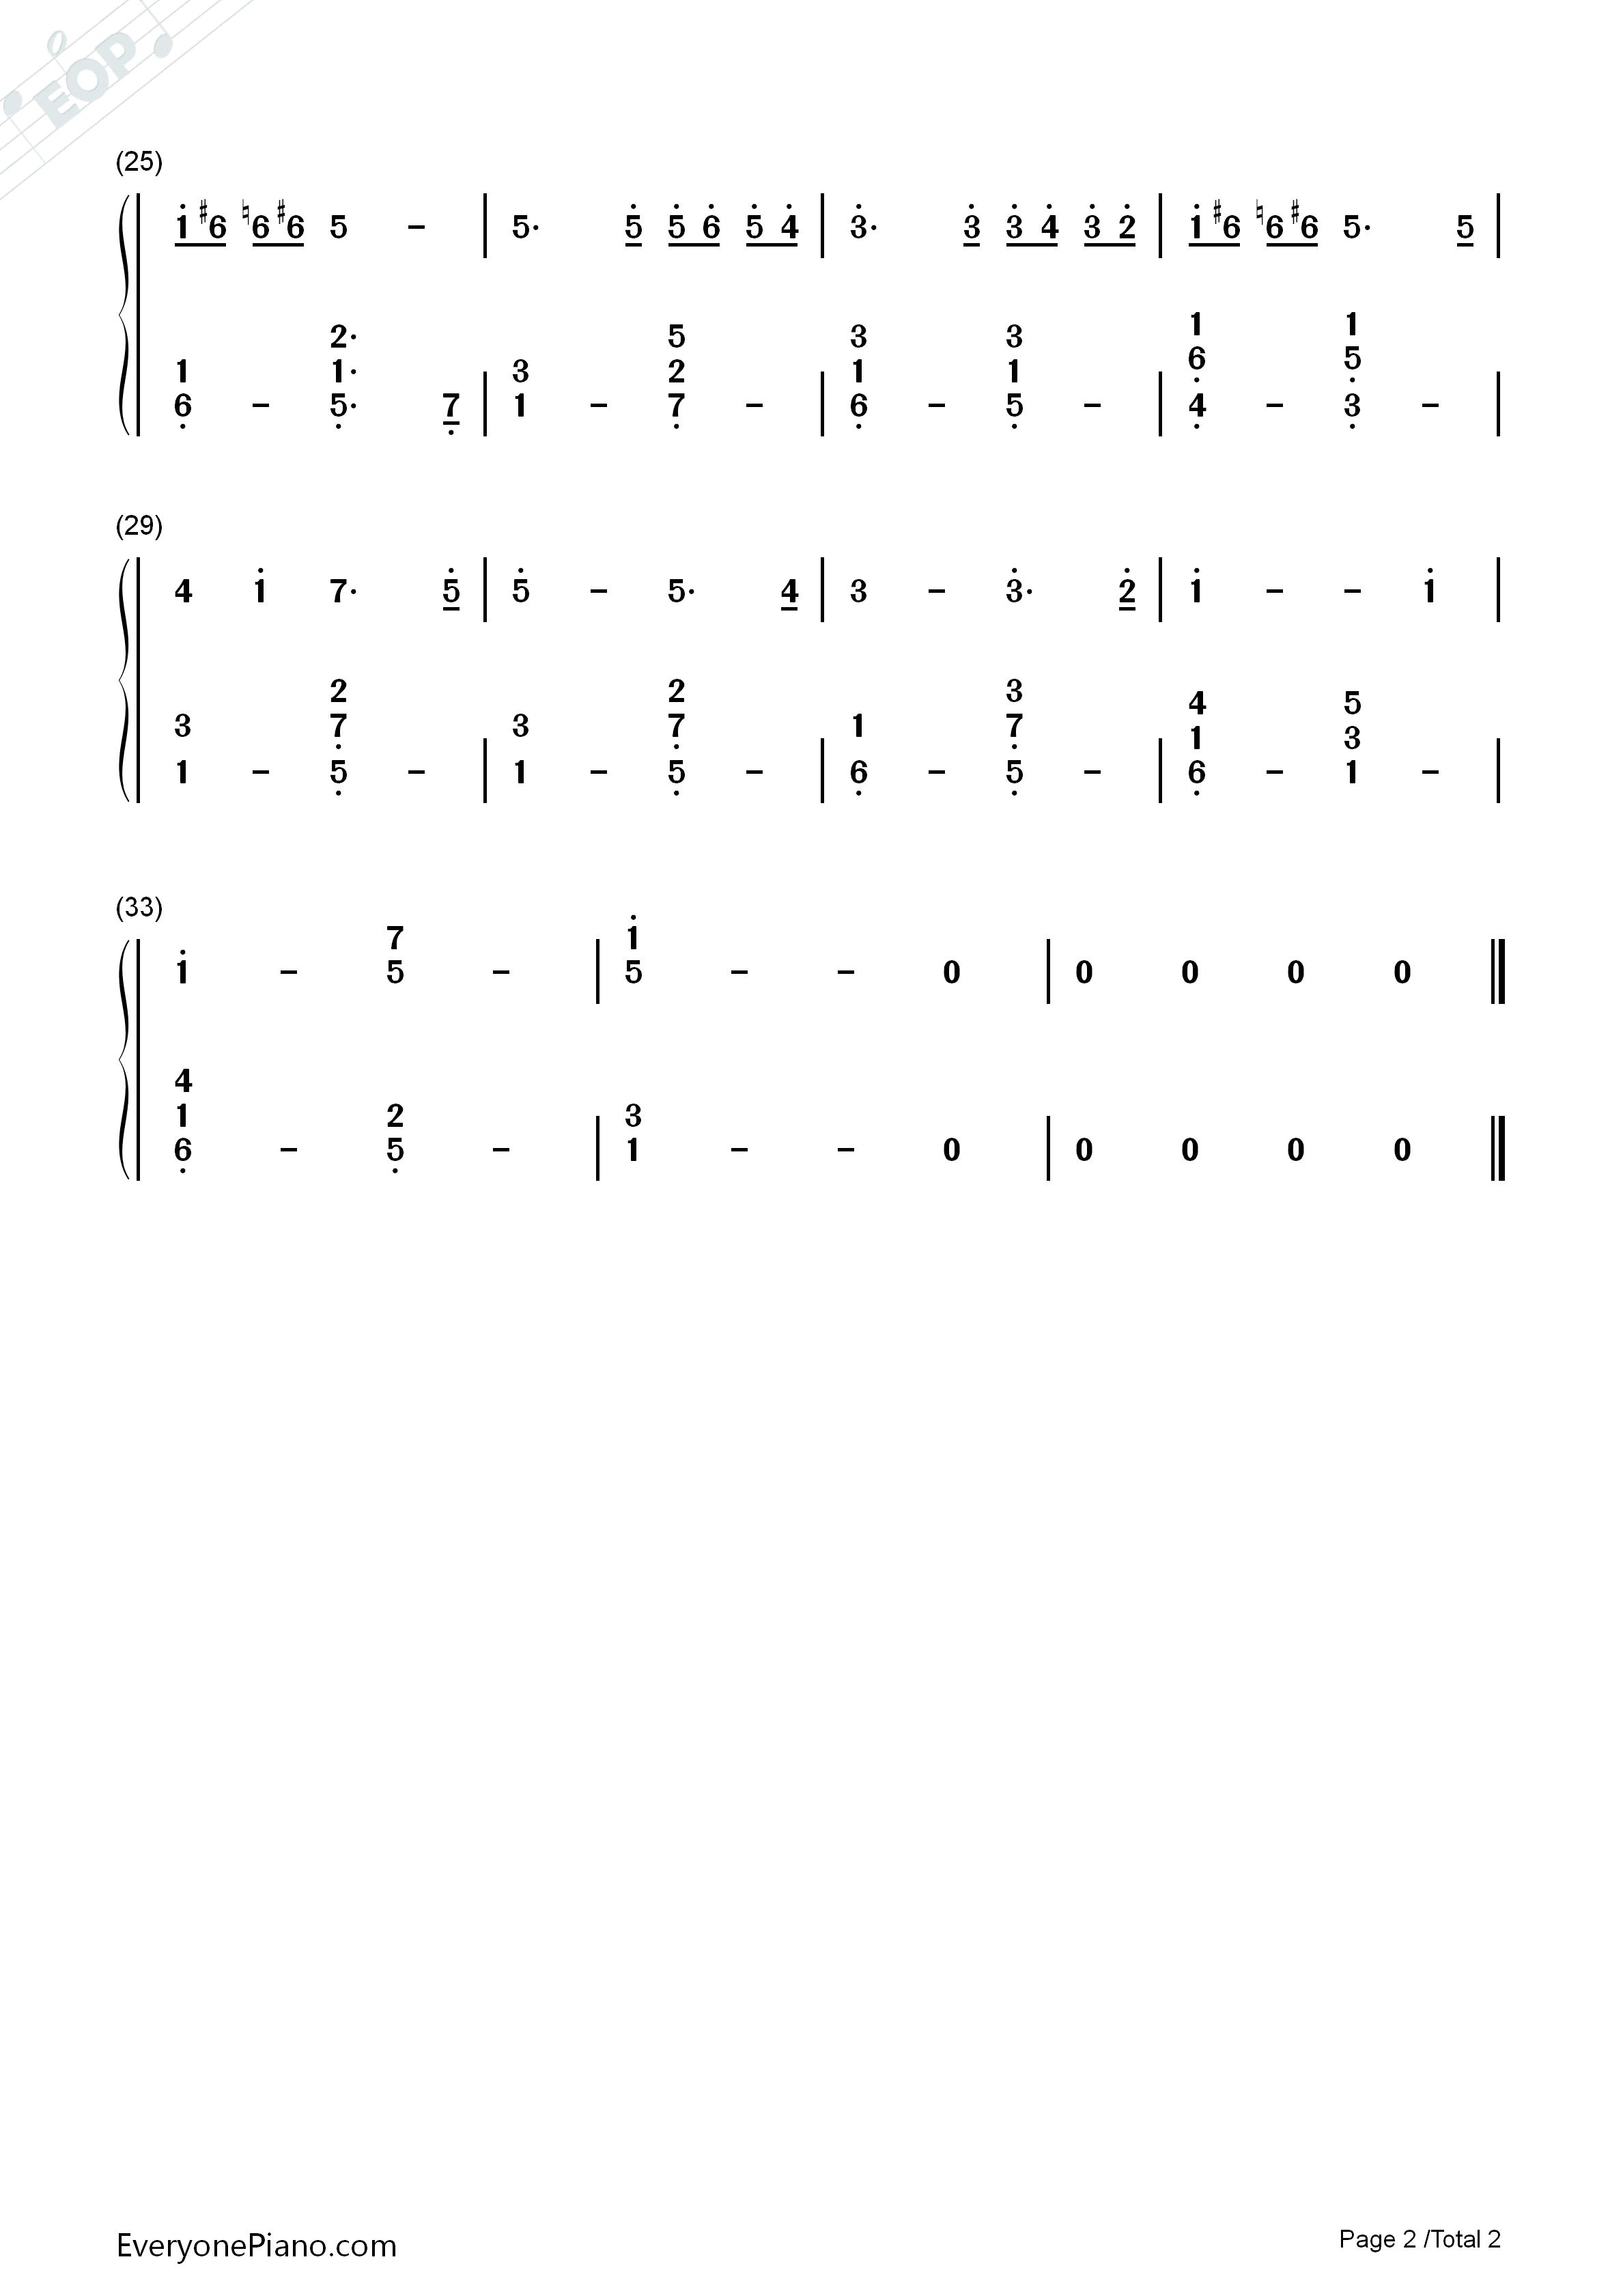 钢琴曲谱 经典 卡农d调简单版 卡农d调简单版双手简谱预览2  }  仅供